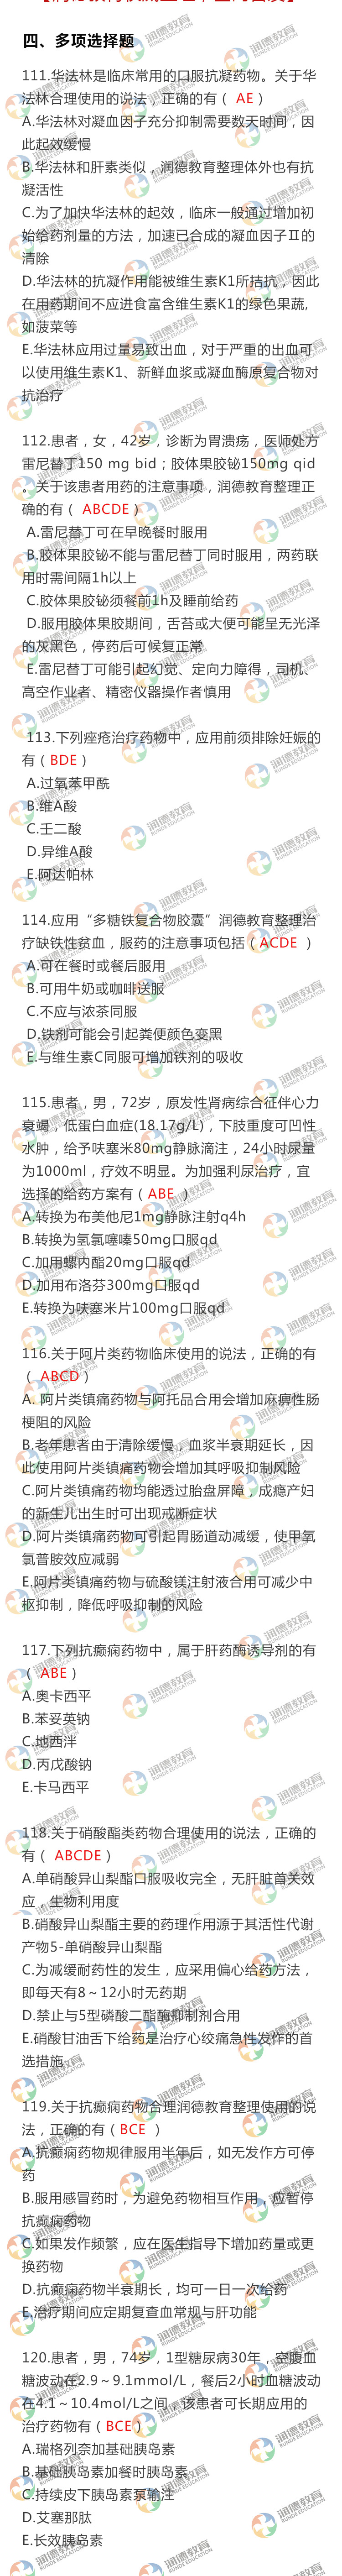 执业药师西药二101-110.jpg